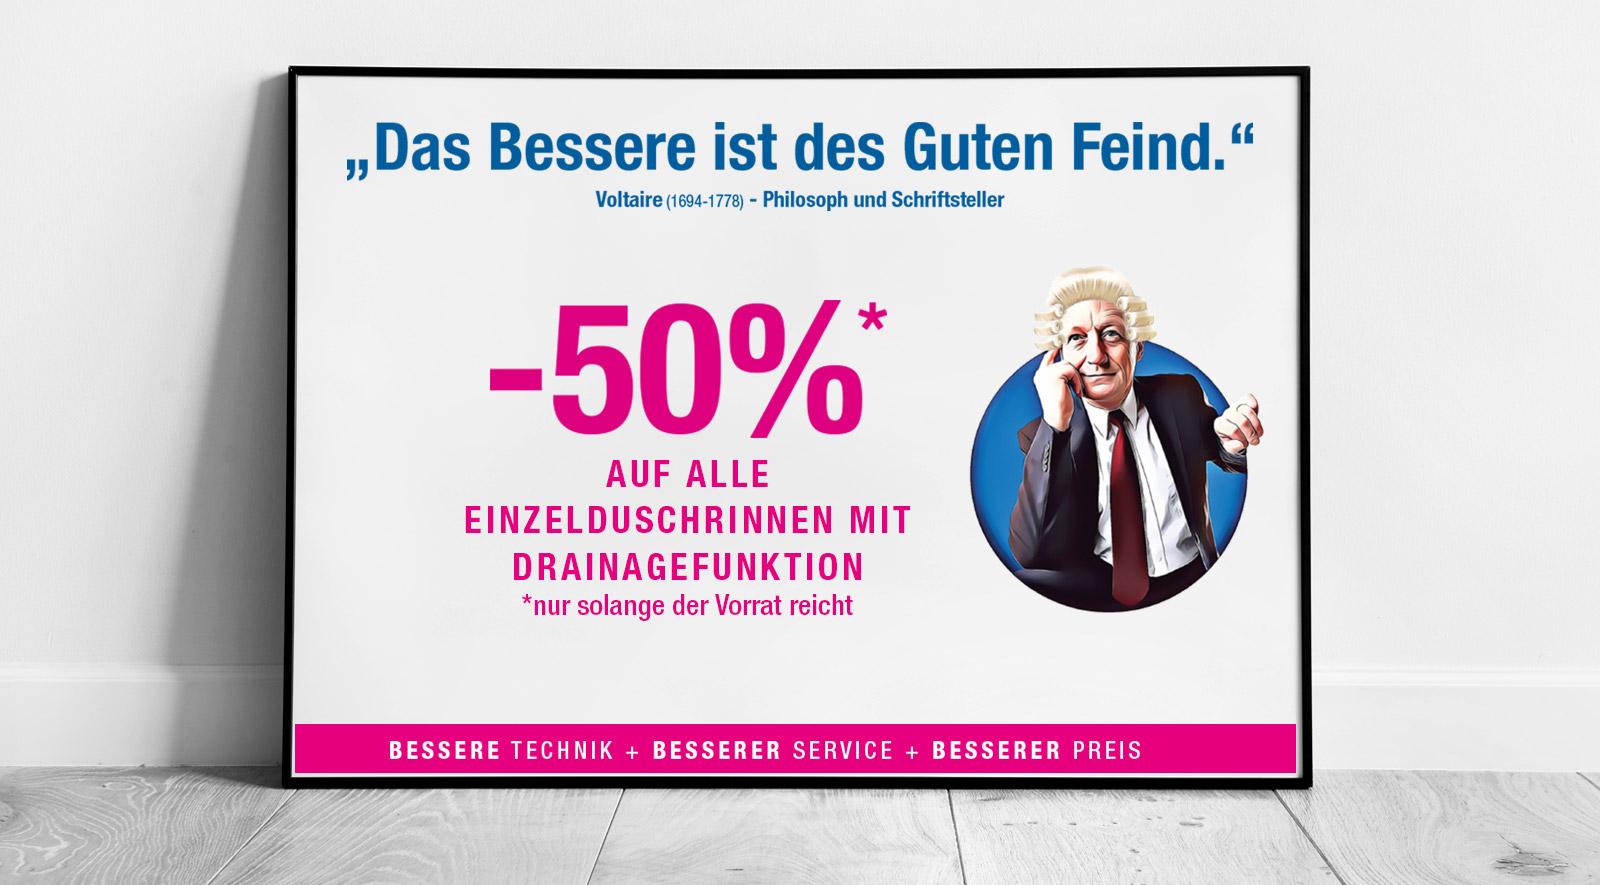 -50% auf alle Einzelduschrinnen mit Drainagefunktion